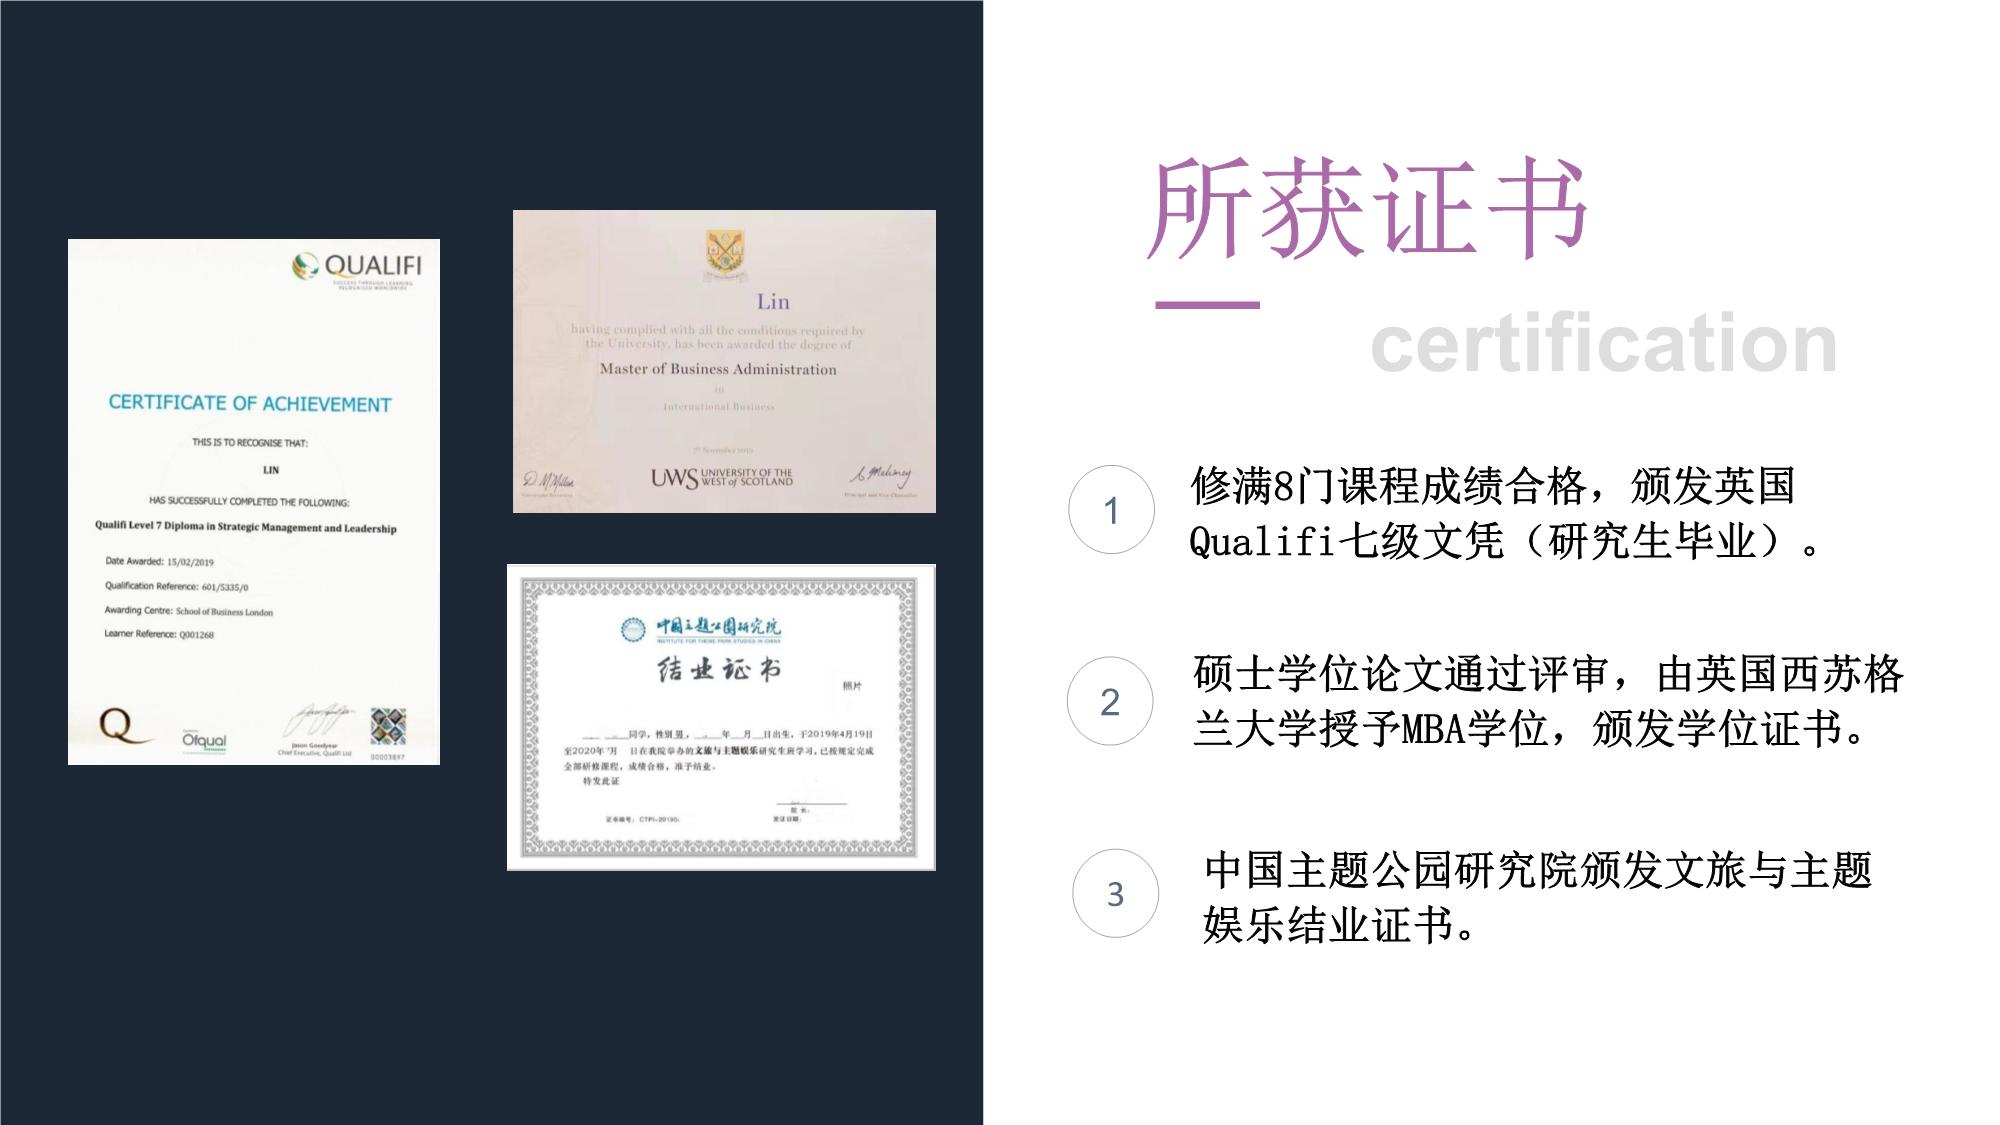 文旅与主题娱乐研究生四期班UWS学位(2020.6.17)(3)-10.png